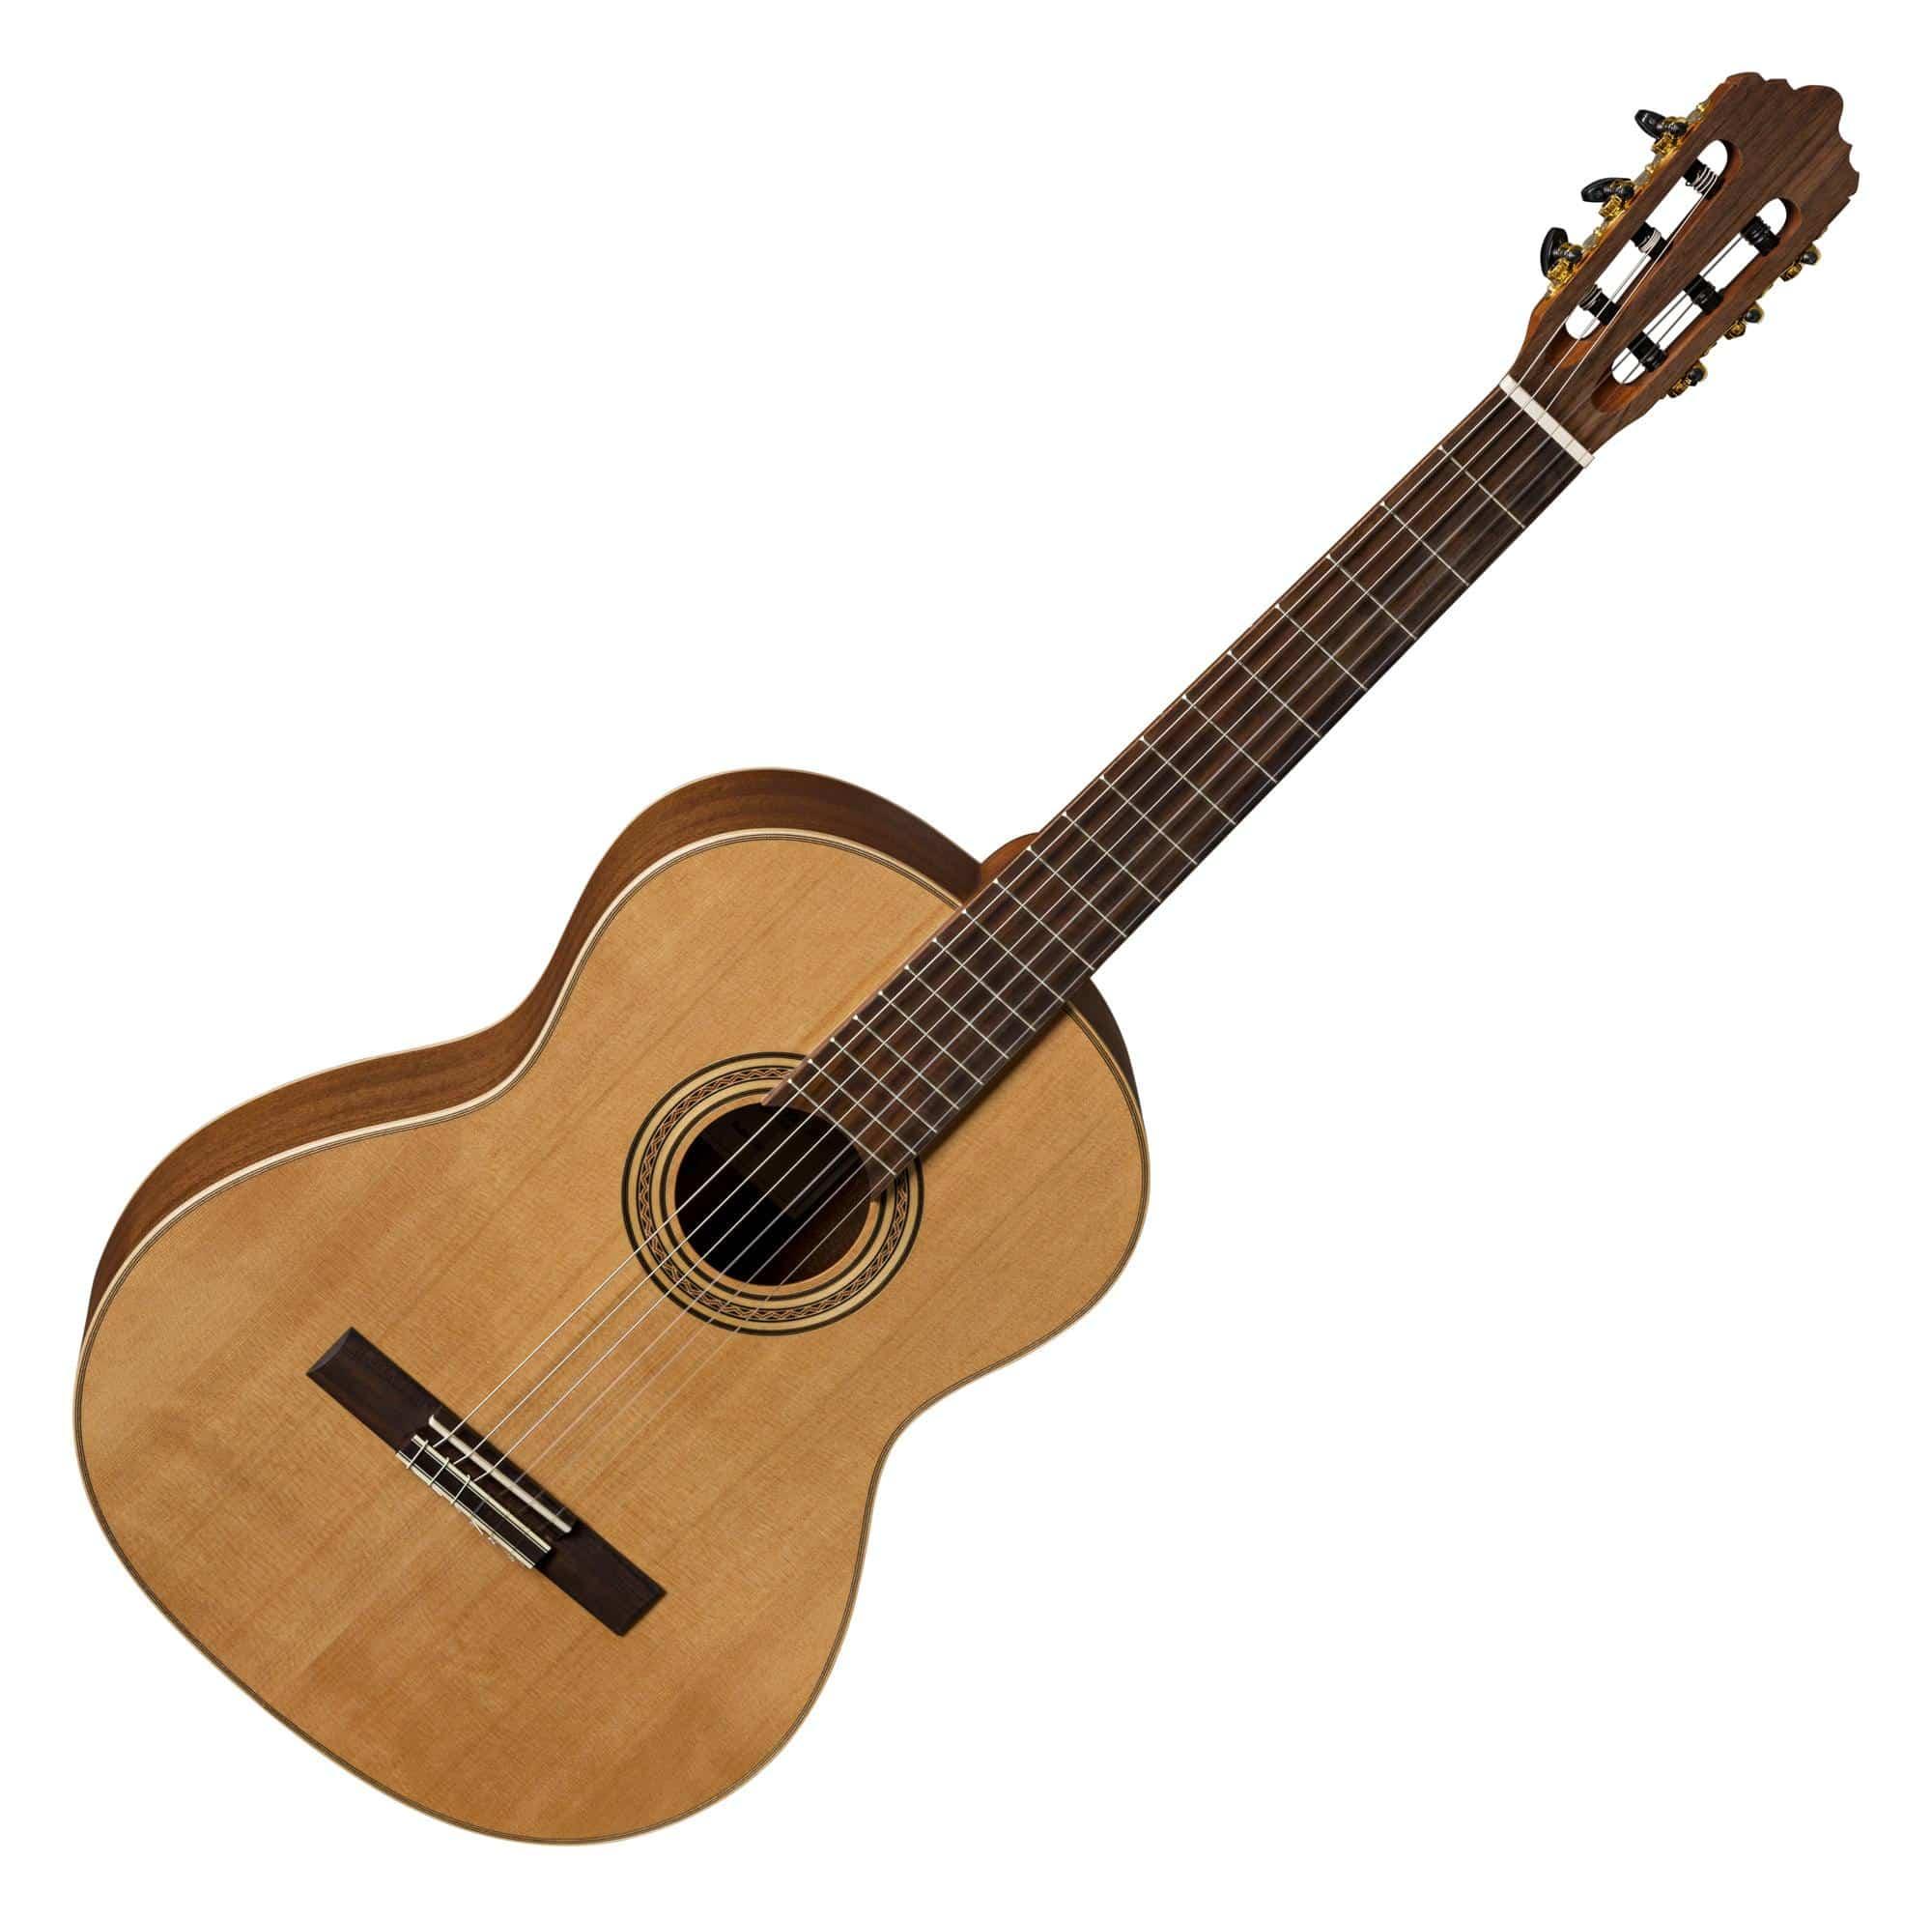 La Mancha Rubi cm 63 7 8 Konzertgitarre